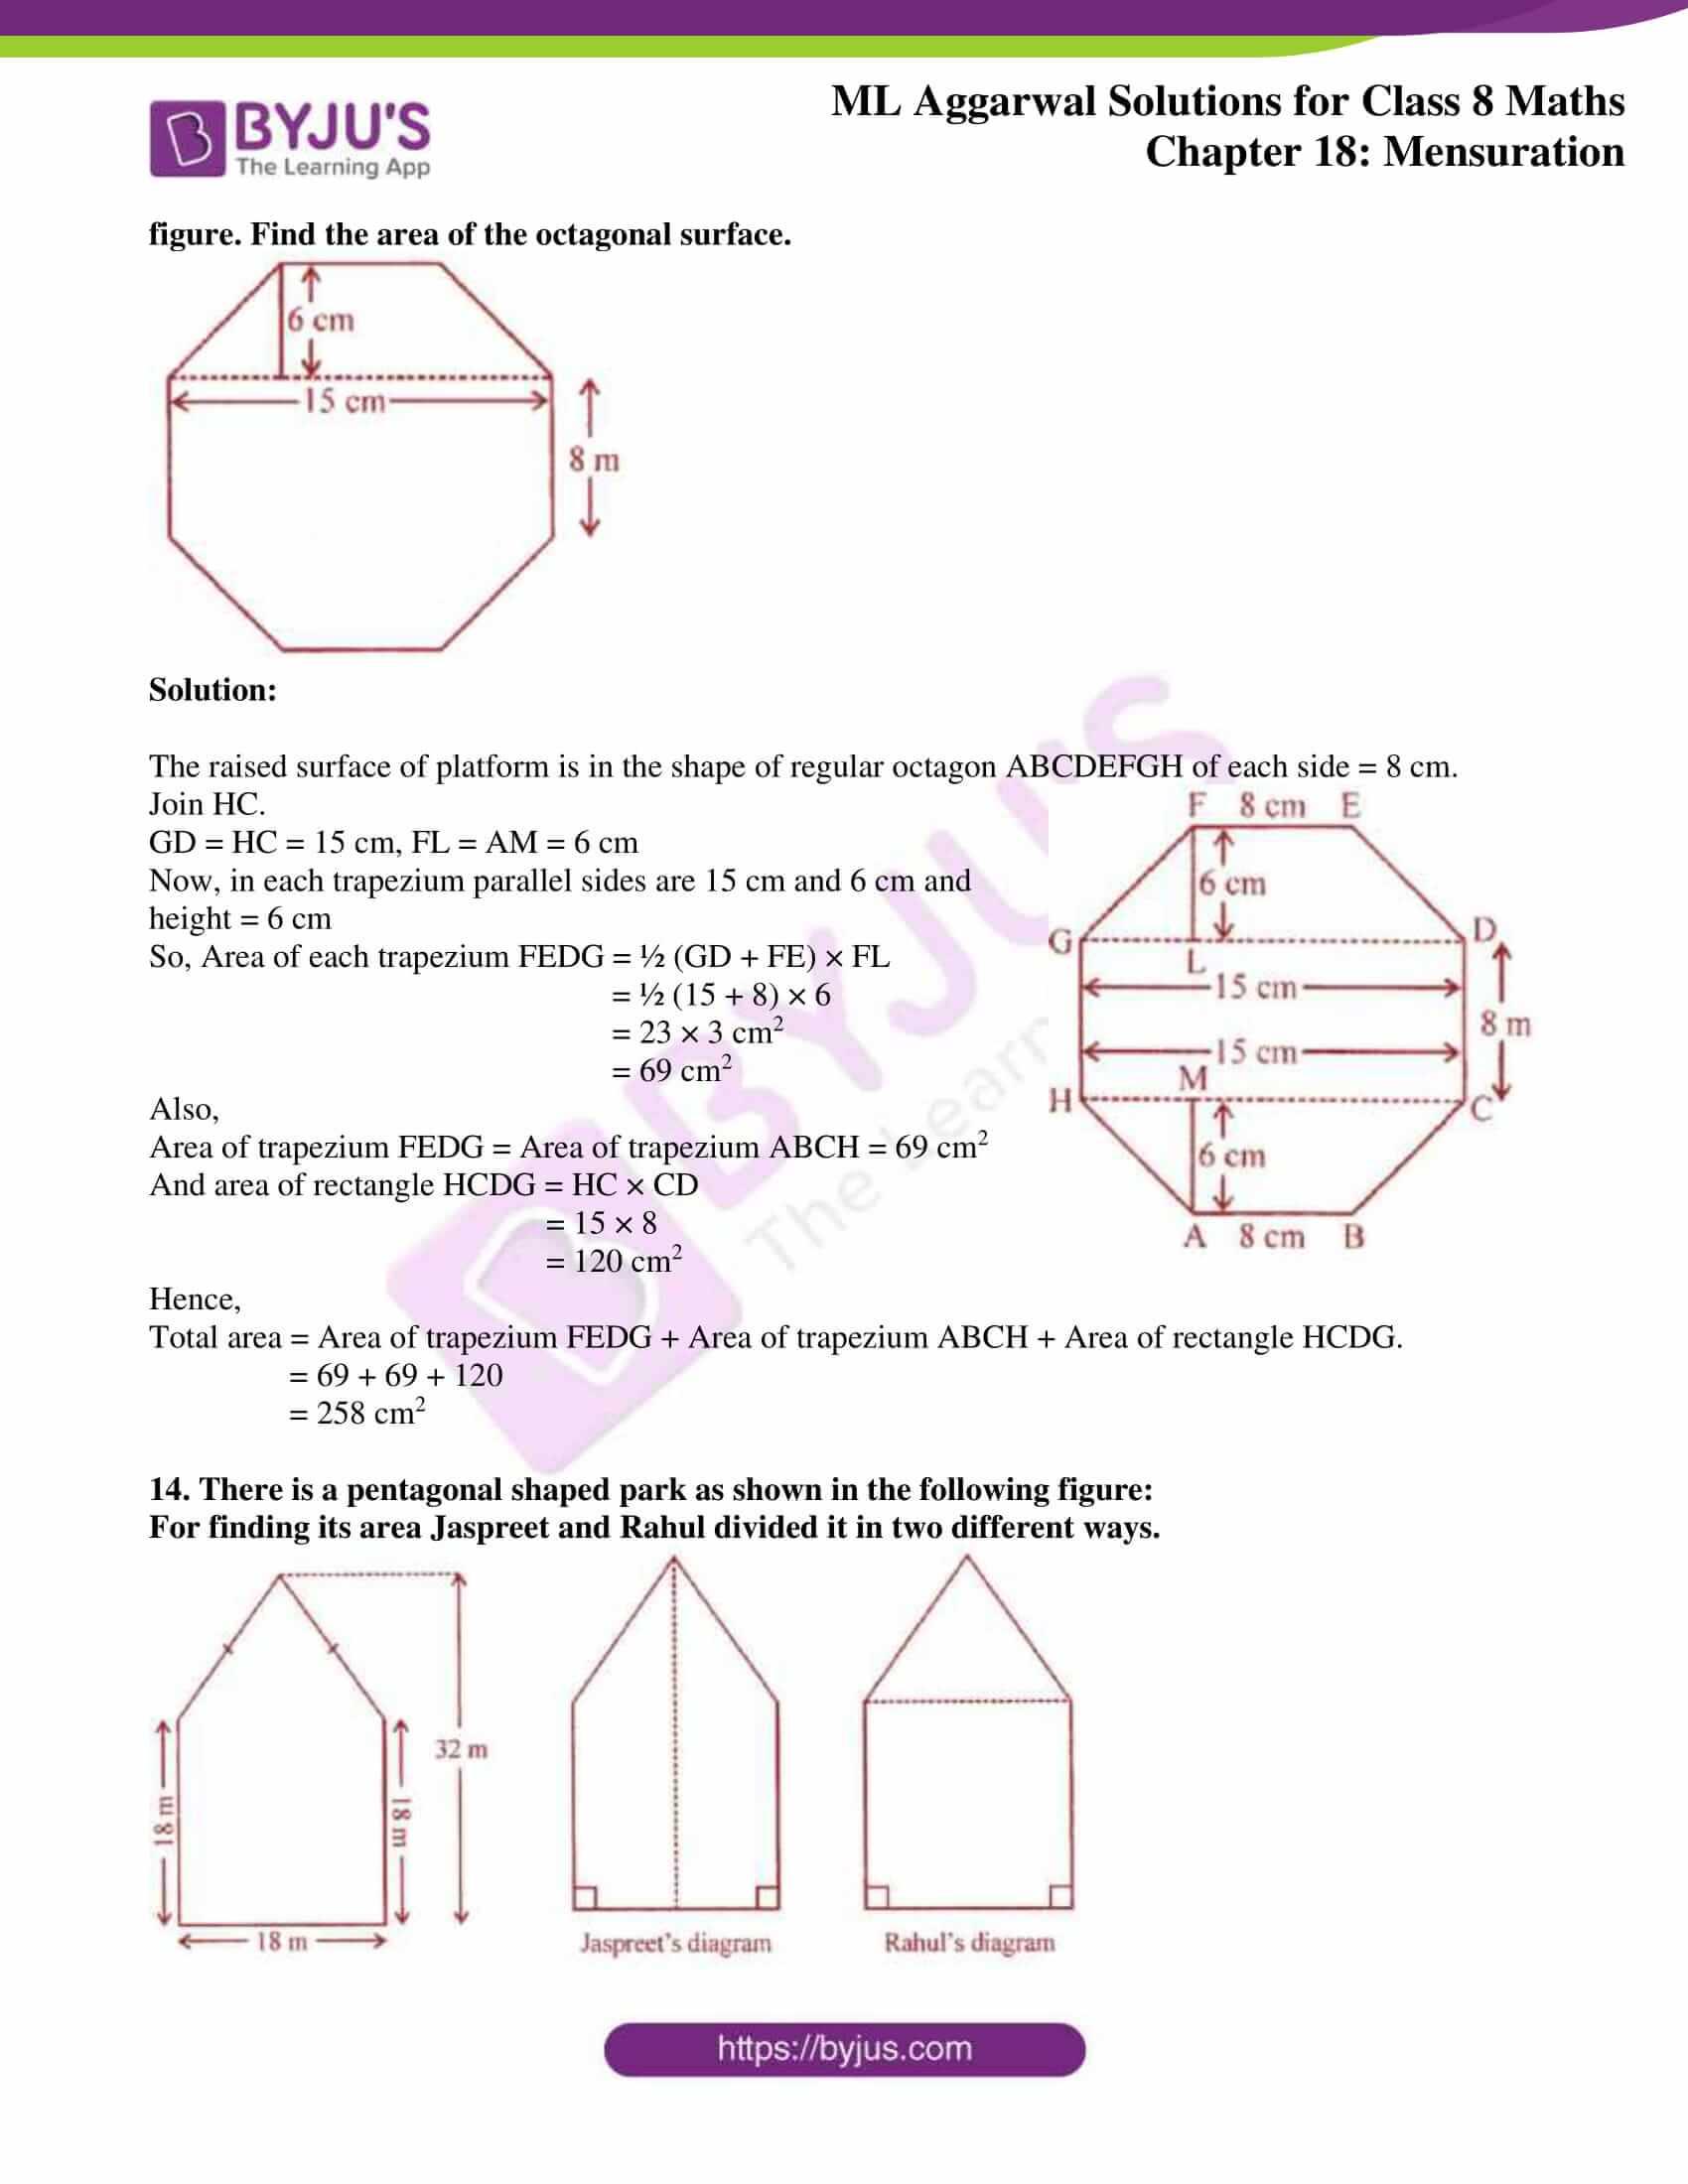 ml aggarwal sol mathematics class 8 ch 18 15